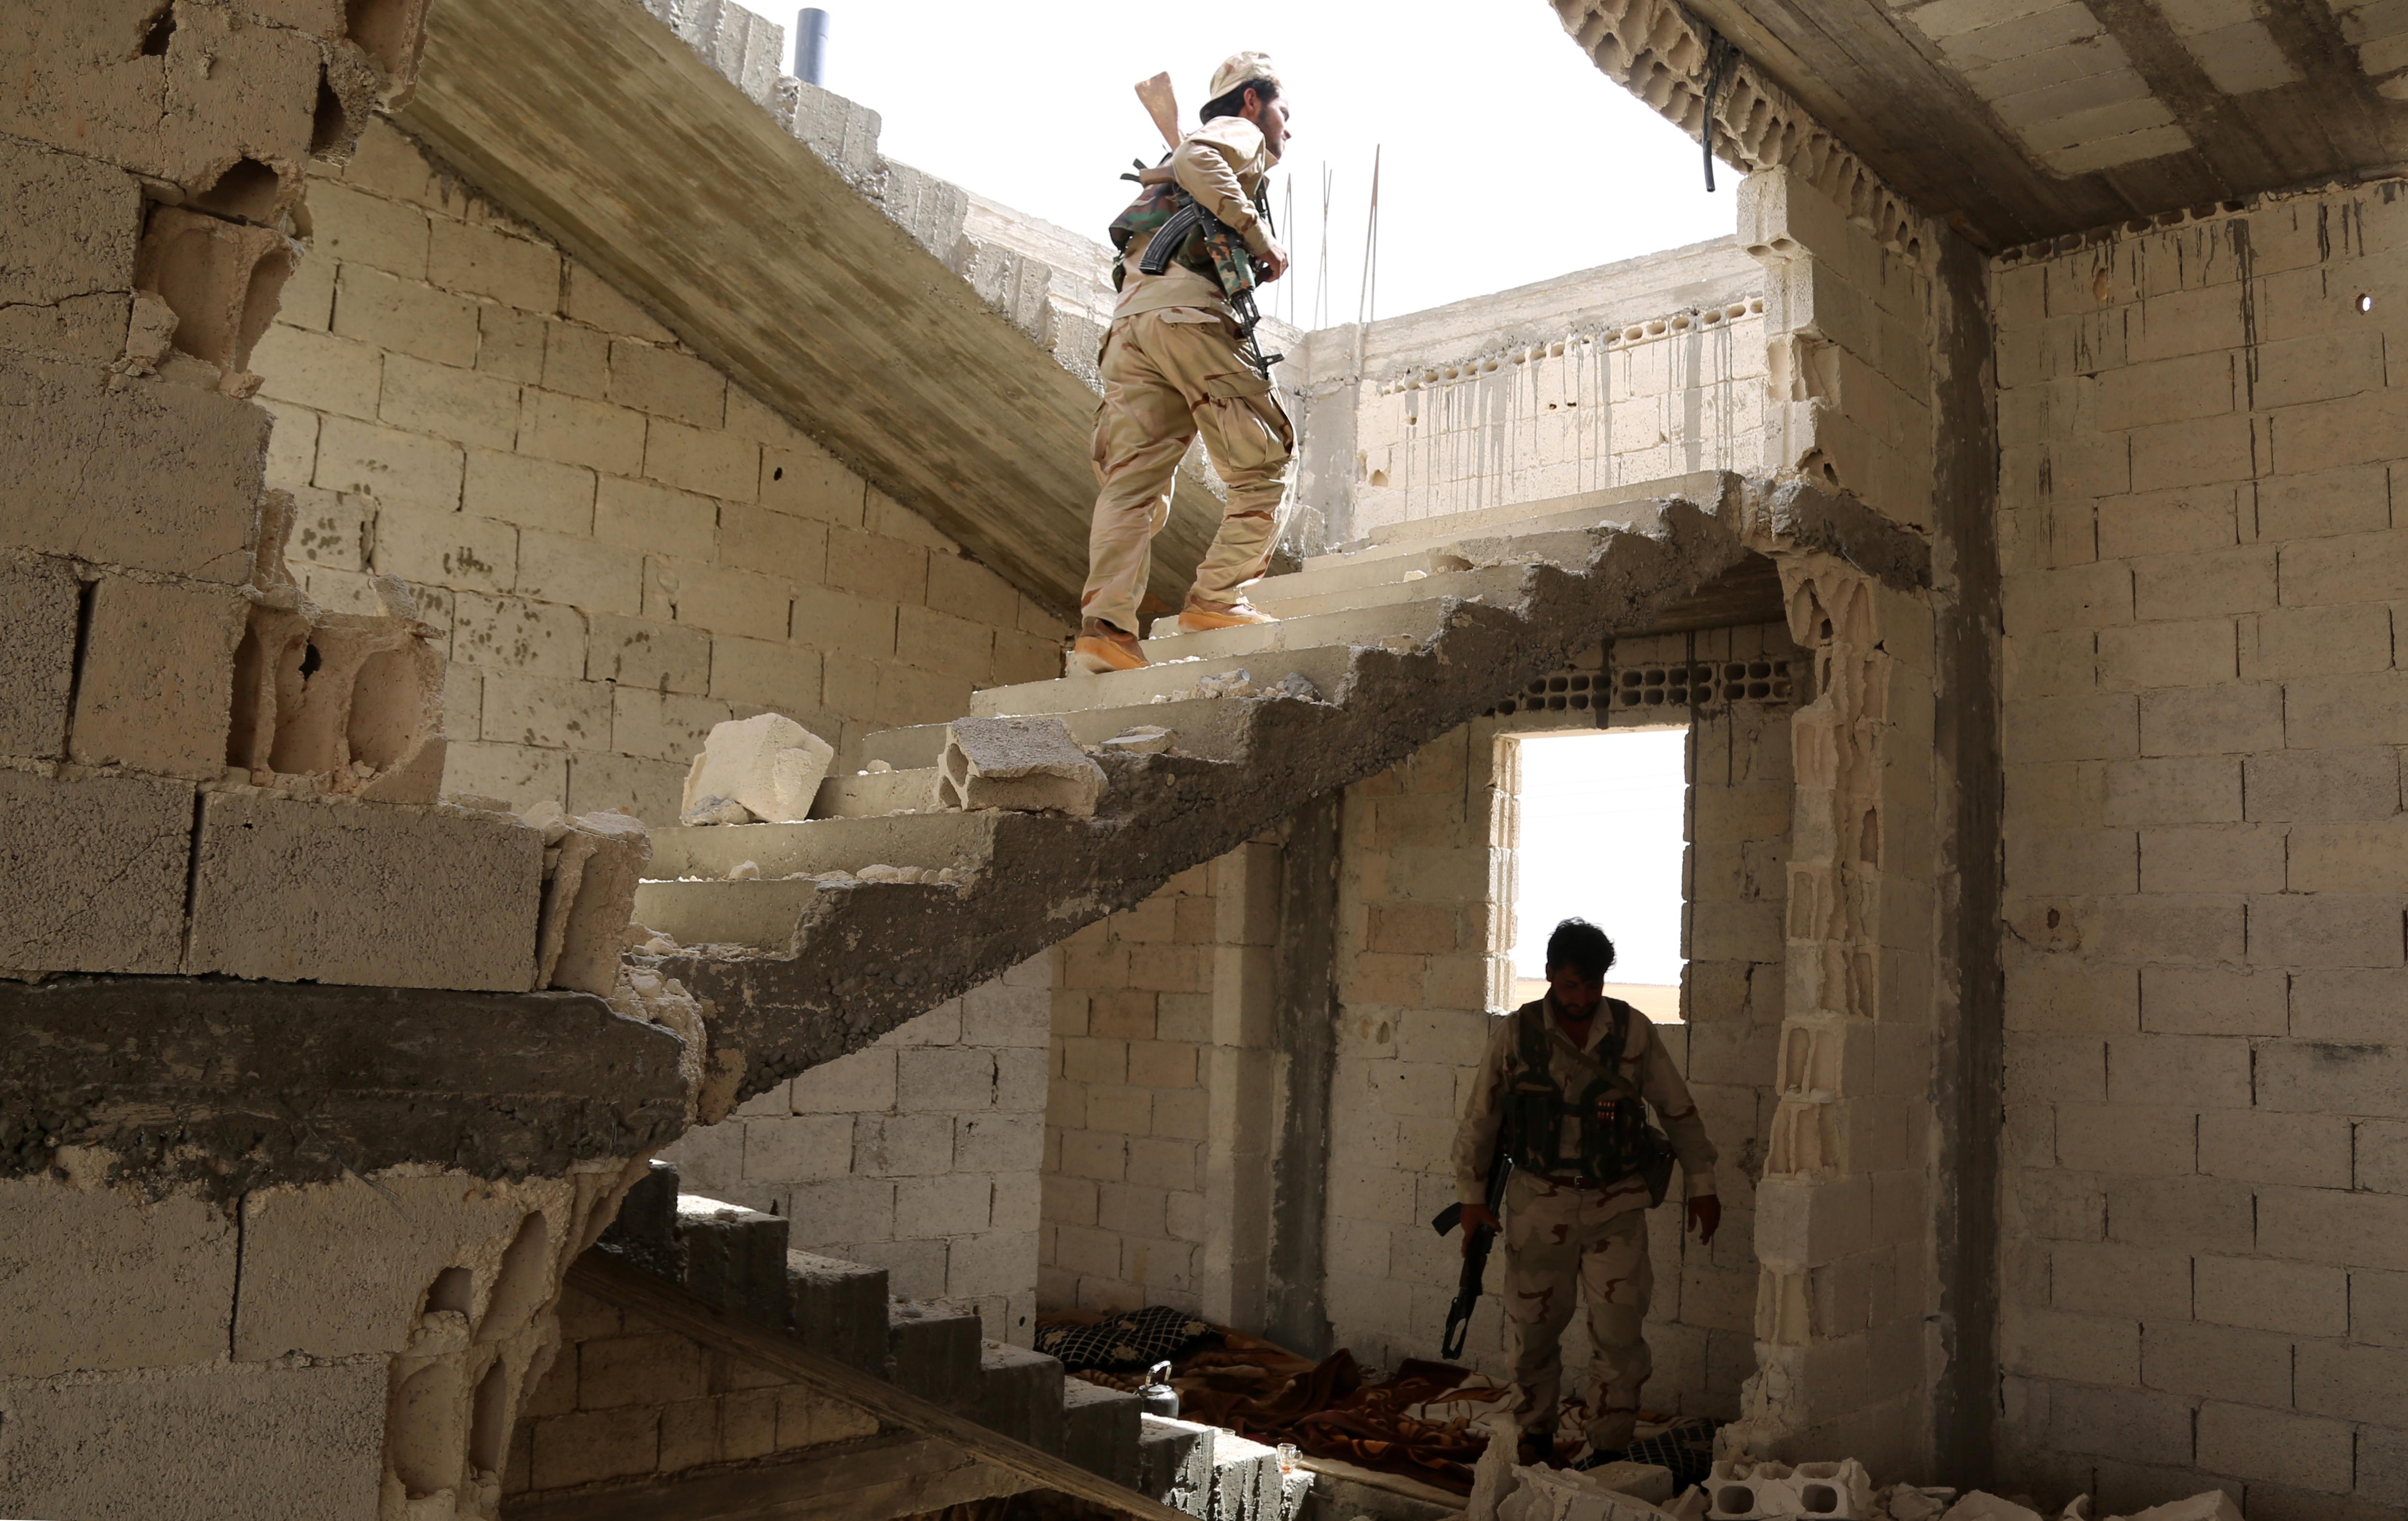 عناصر من مجلس منبج العسكري الذي يقاتل داعش عند أطراف المدينة